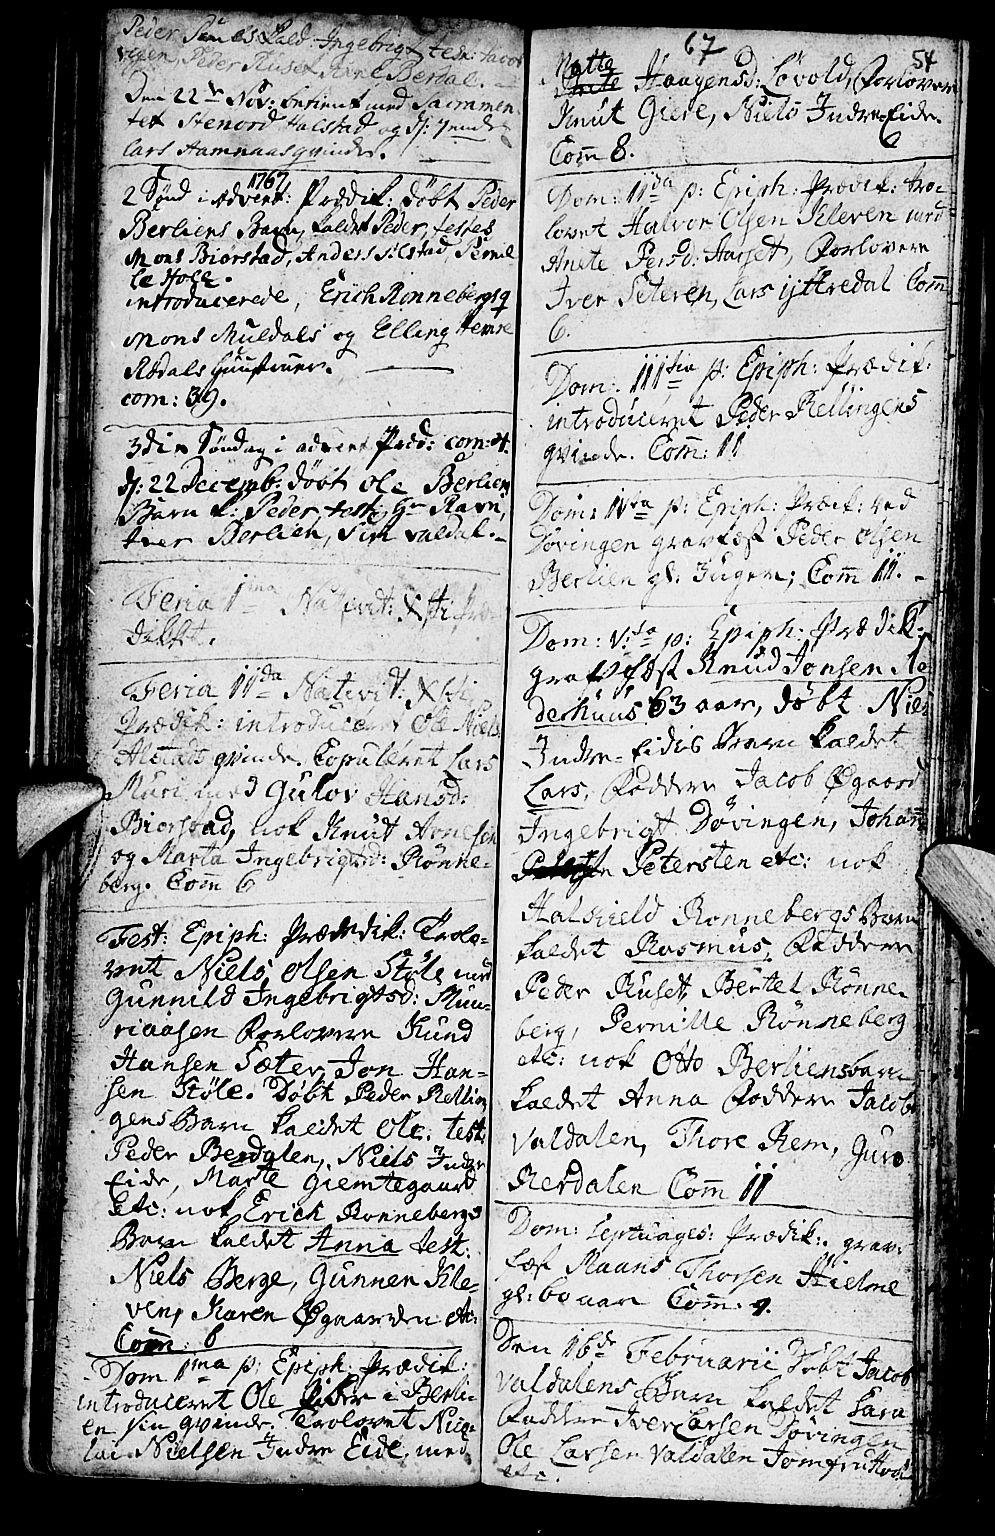 SAT, Ministerialprotokoller, klokkerbøker og fødselsregistre - Møre og Romsdal, 519/L0243: Ministerialbok nr. 519A02, 1760-1770, s. 53-54